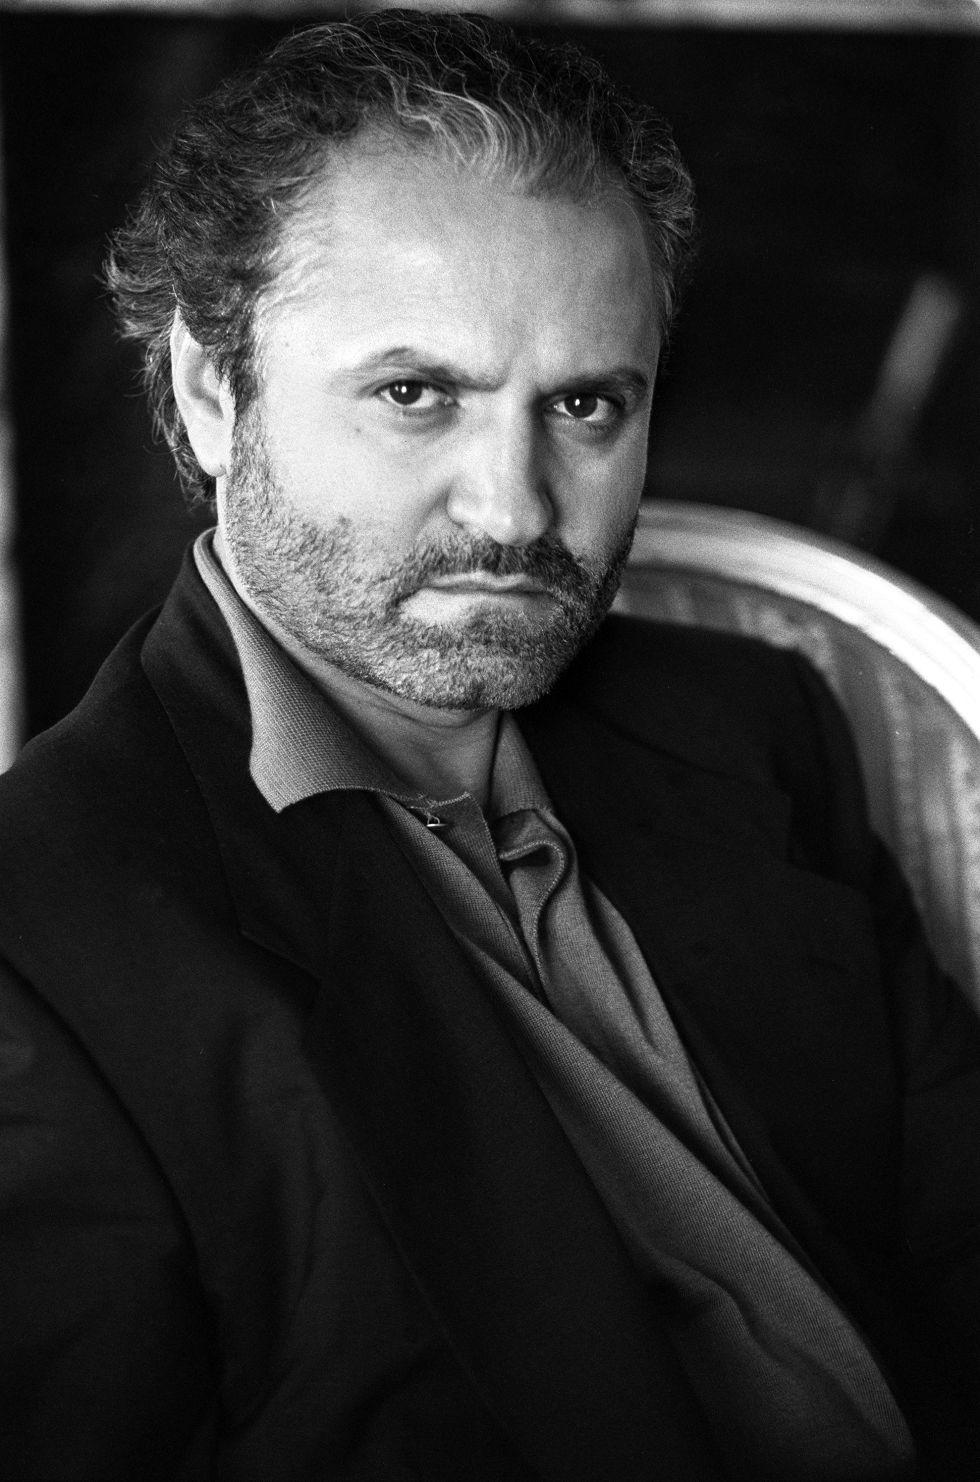 Spoleto Arte: tributo allo stilista Gianni Versace col contributo di Roberta Camerino, Fabrizio Cardarelli, Salvo Nugnes, Alberto D'Atanasio